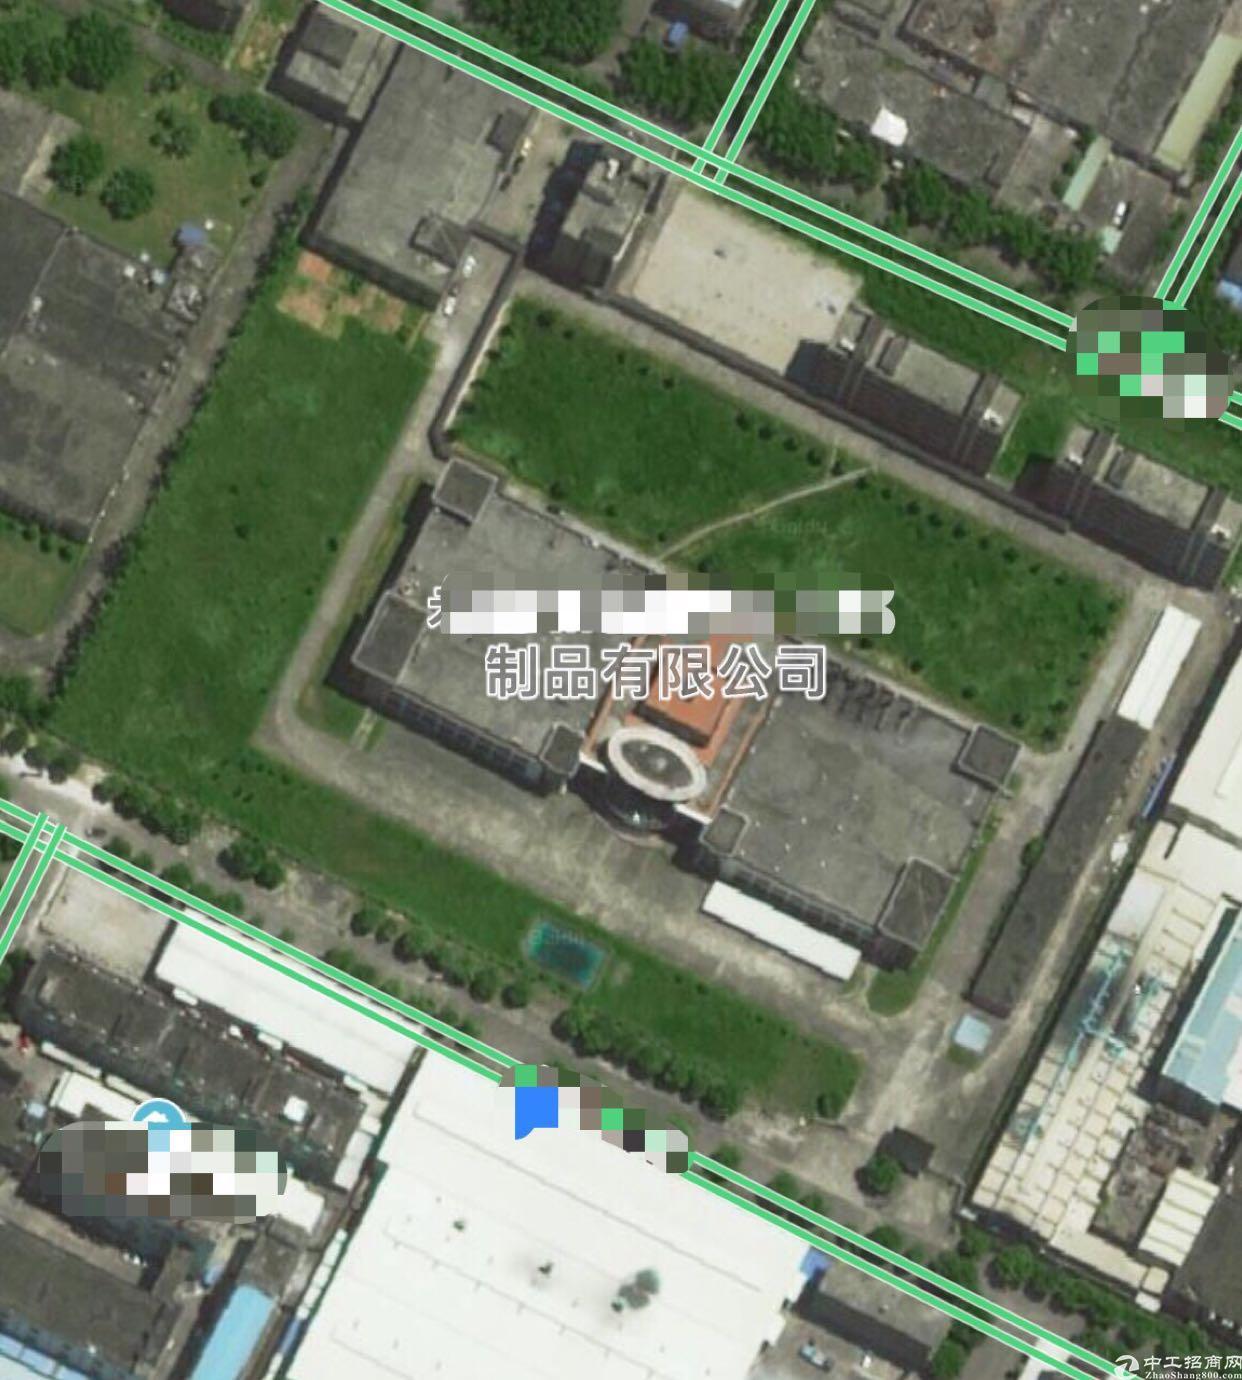 东莞靠深圳5万平方米上市公司红本工业园厂房直接出租